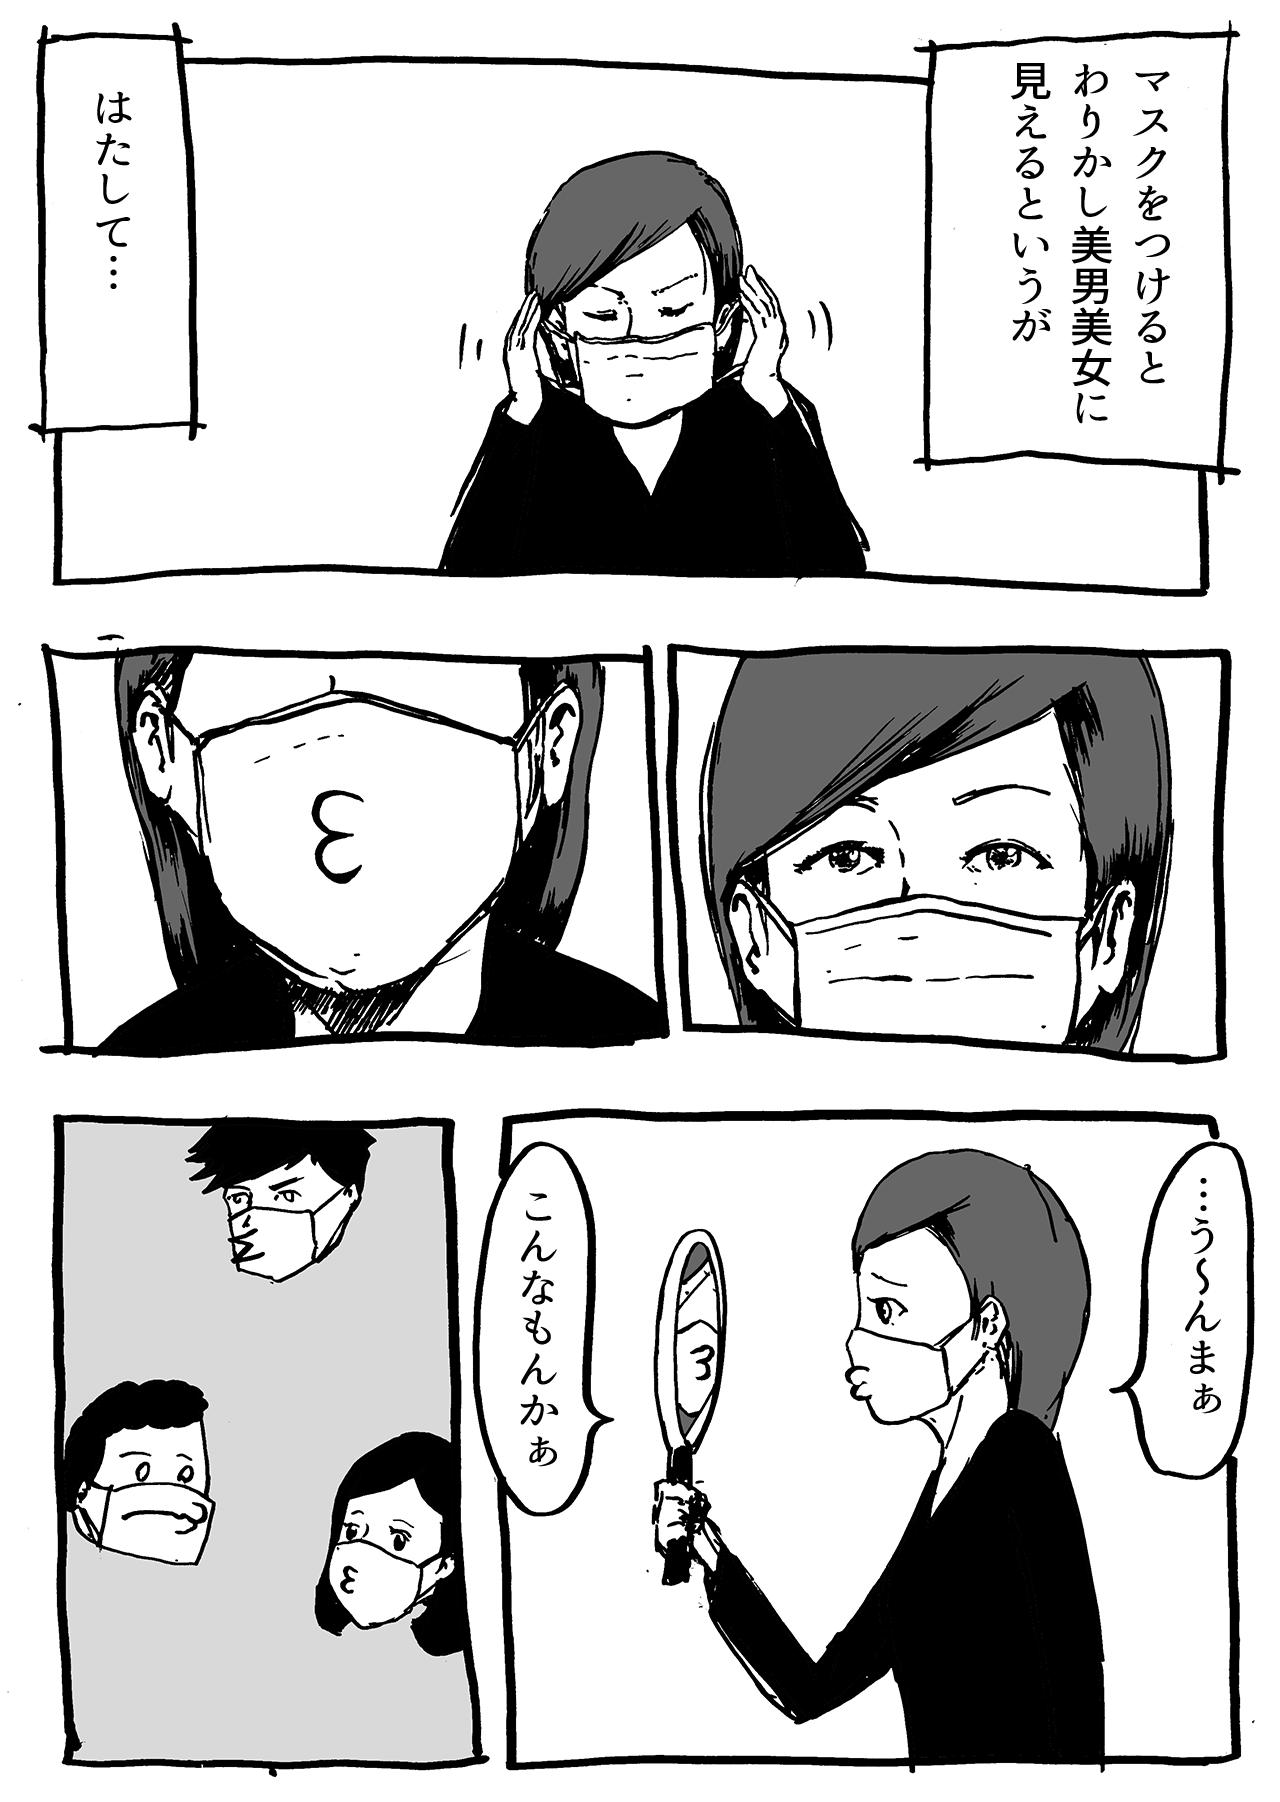 マスク効果